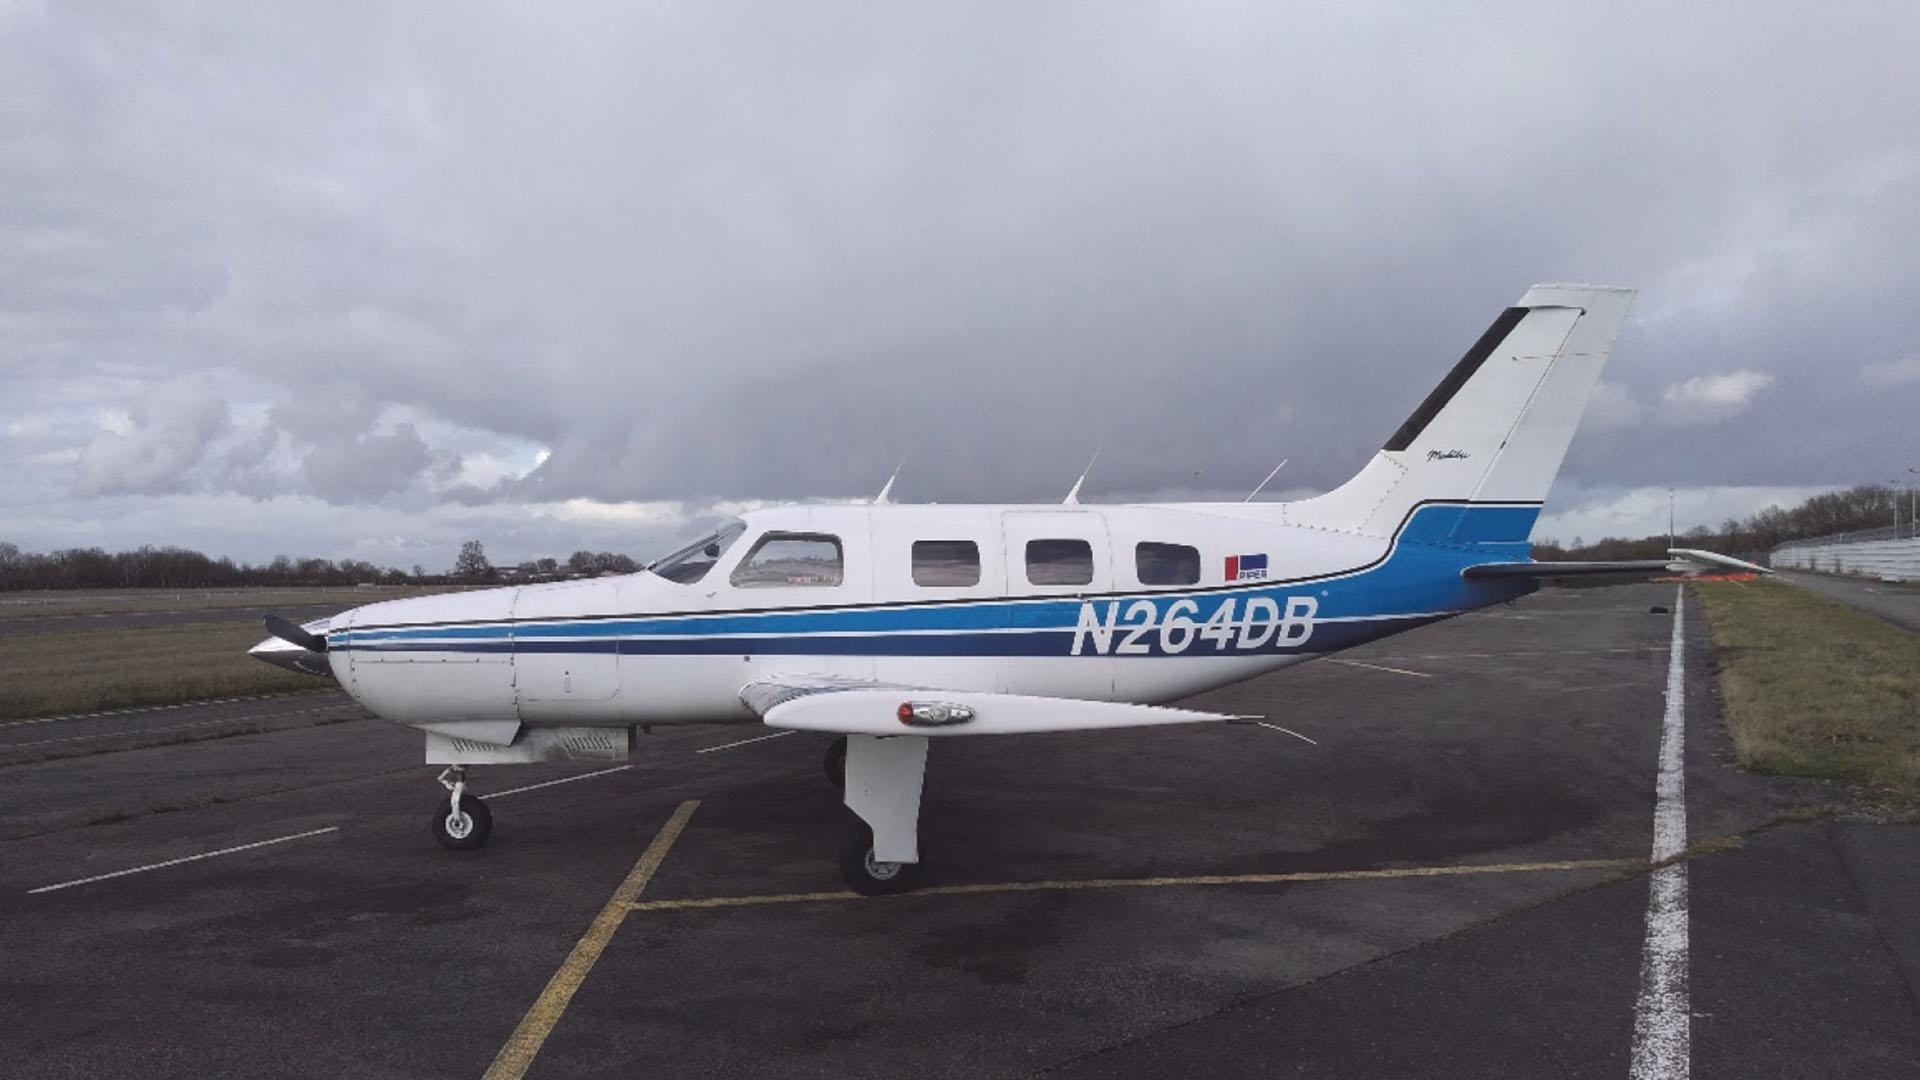 El avión en el que viajaba Emiliano Sala